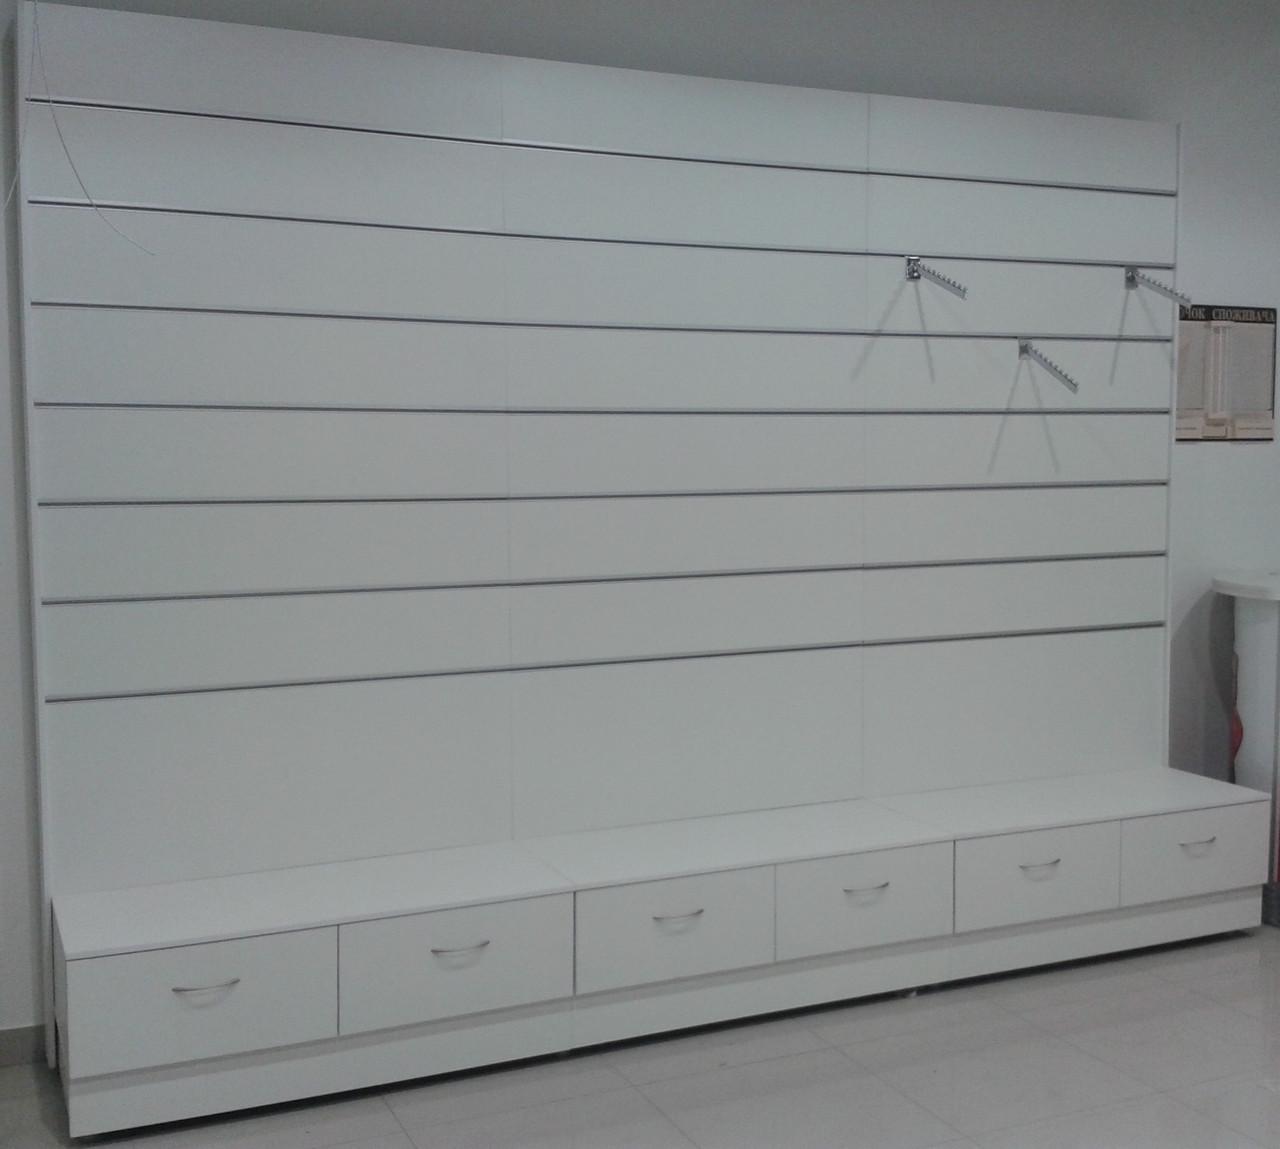 Торговая мебель. Стеллаж с экономпанелью и выдвижными ящиками . Цена без вставок.